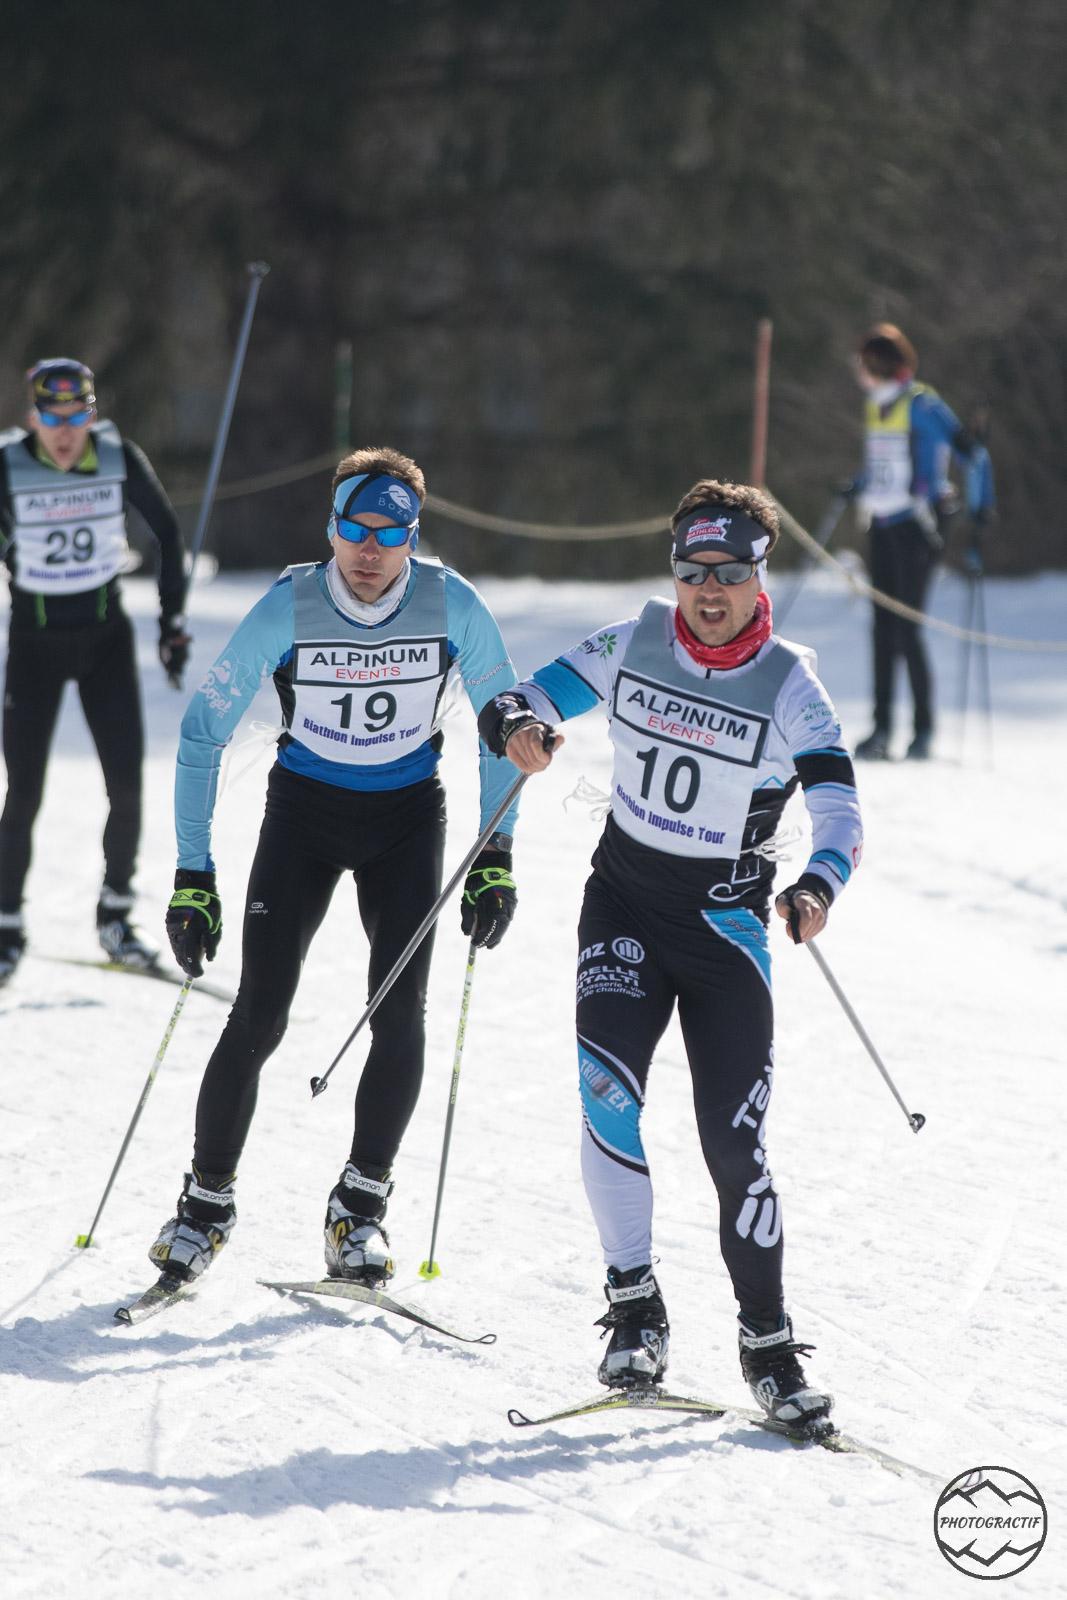 Biathlon Alpinum Les Contamines 2019 (49)